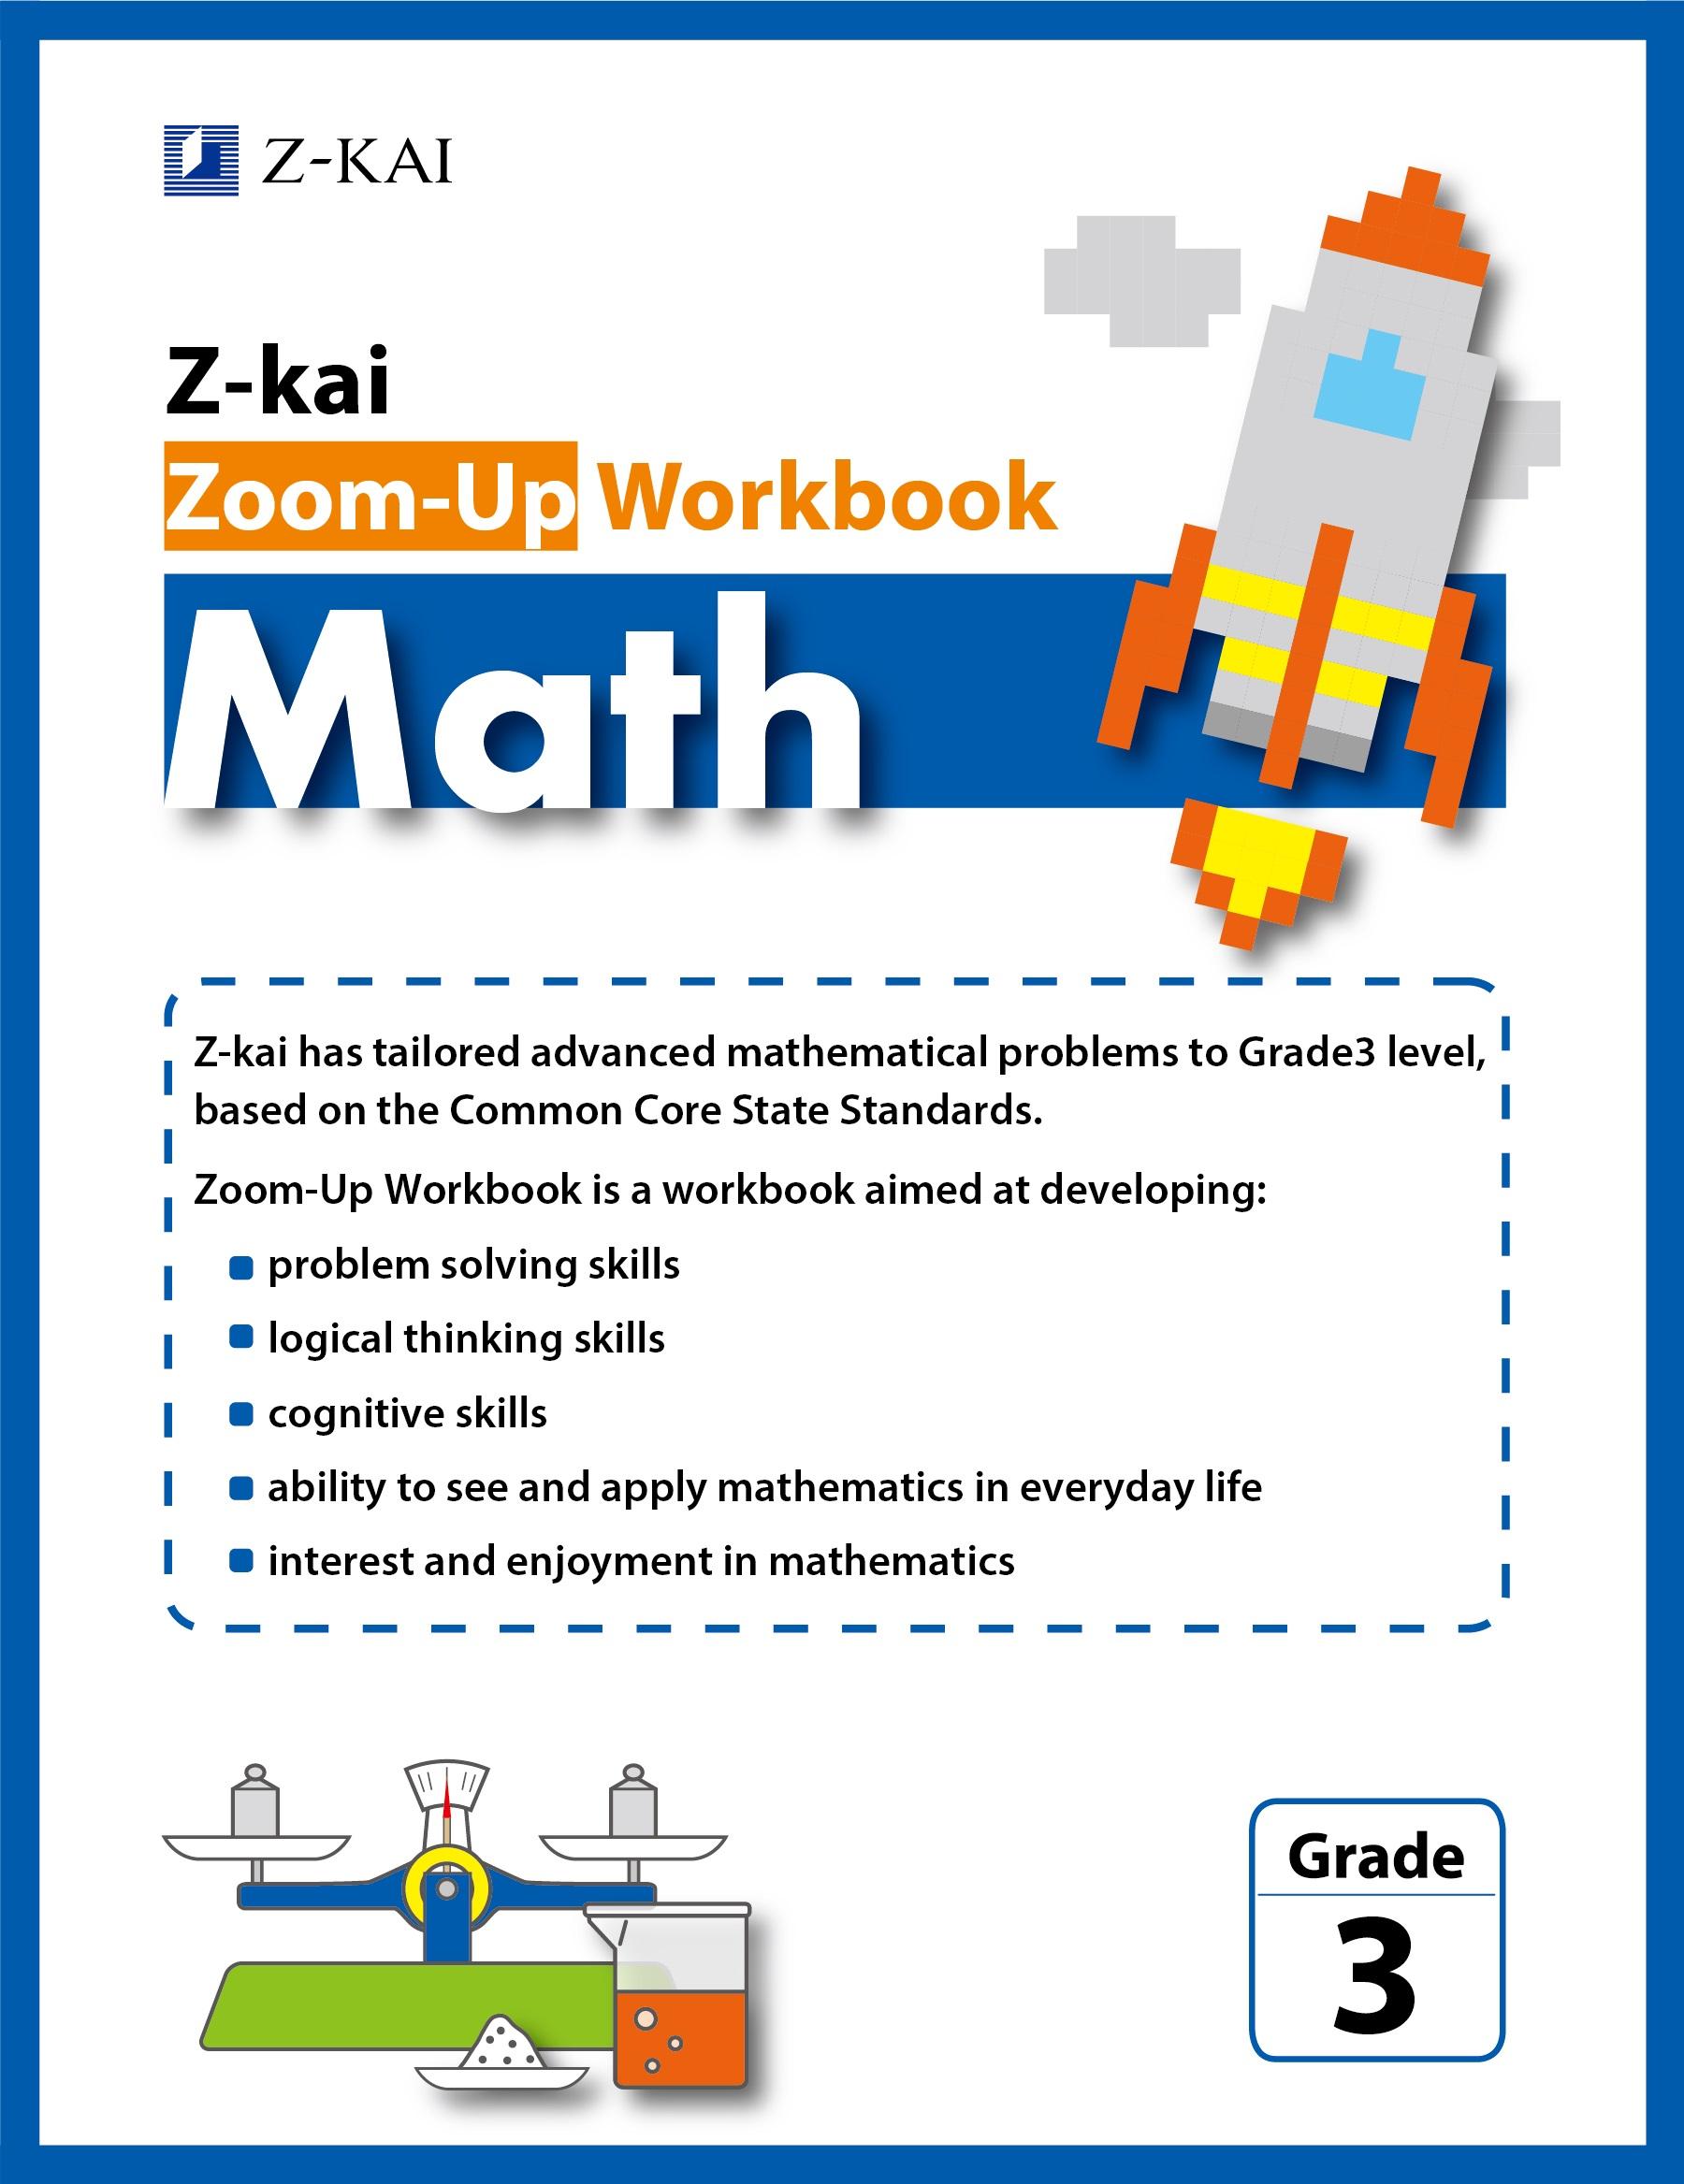 Z-kai Zoom-Up Workbook Math Grade 3